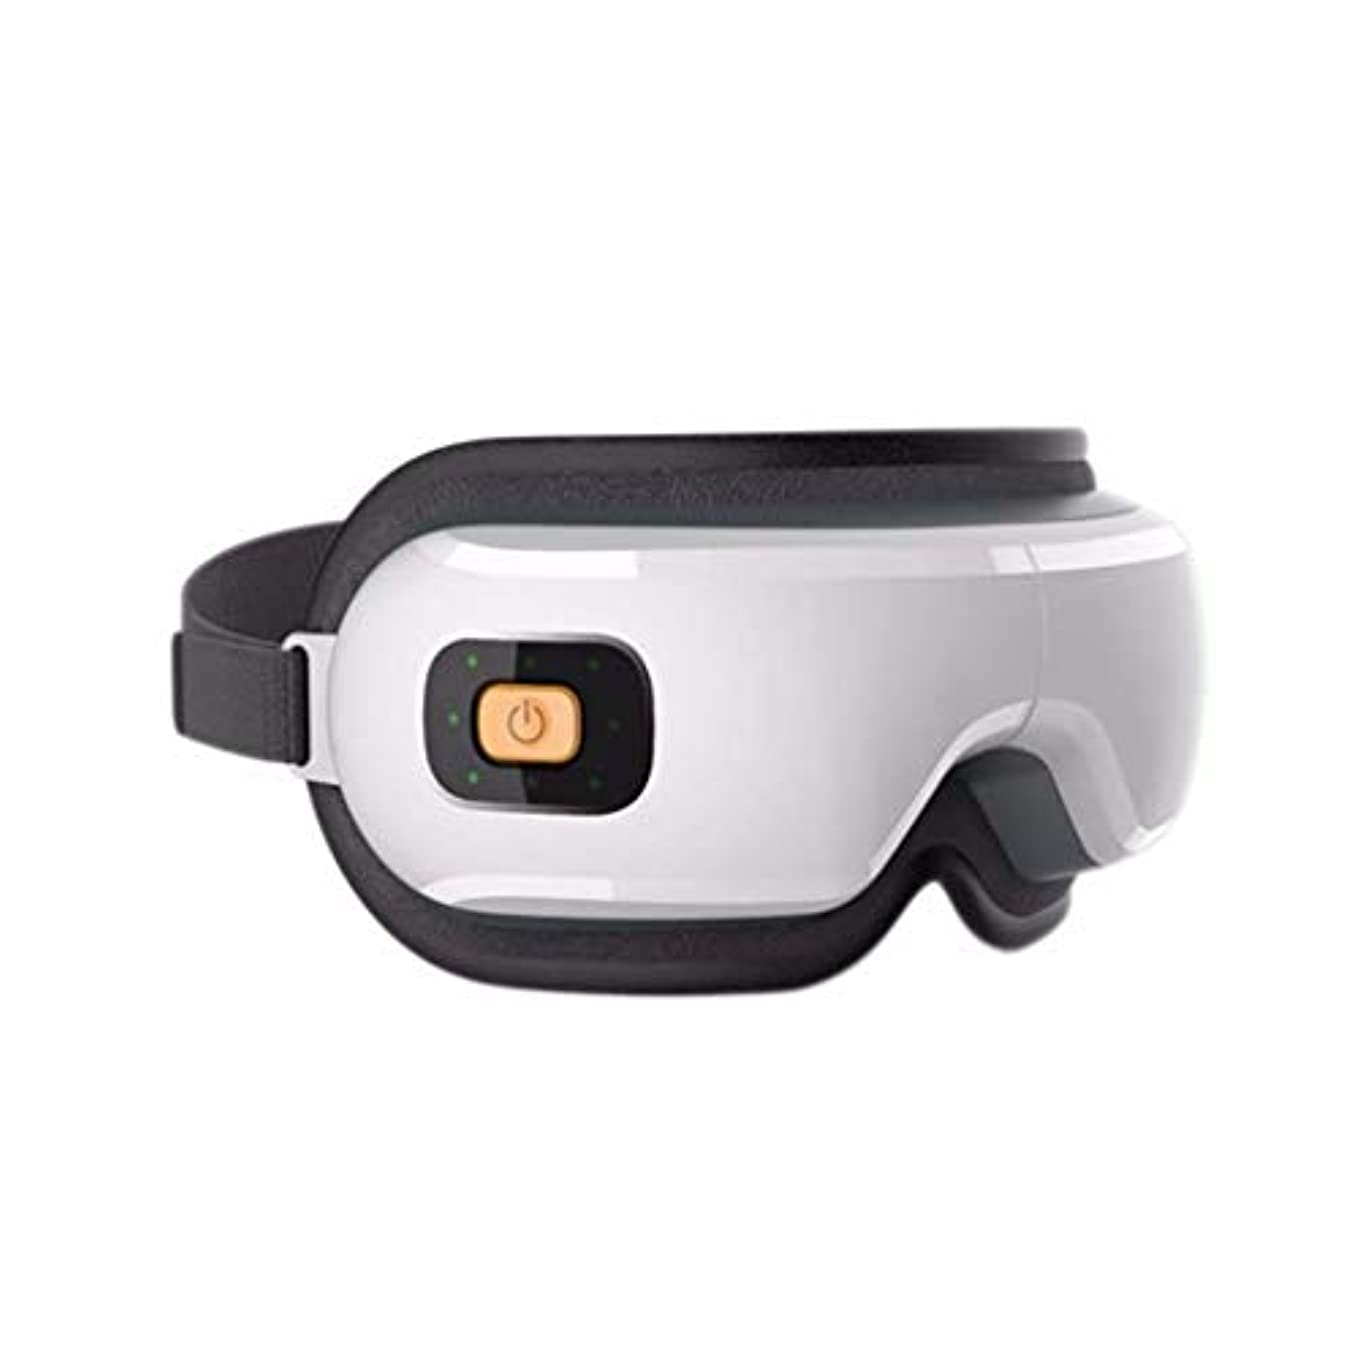 アイマッサージャー、電動ポータブルアイマッサージツール、USB充電、スマートアイケア、加熱/振動/音楽/リラックス、アイバッグとダークサークルの緩和、目の疲労 (Color : 白)